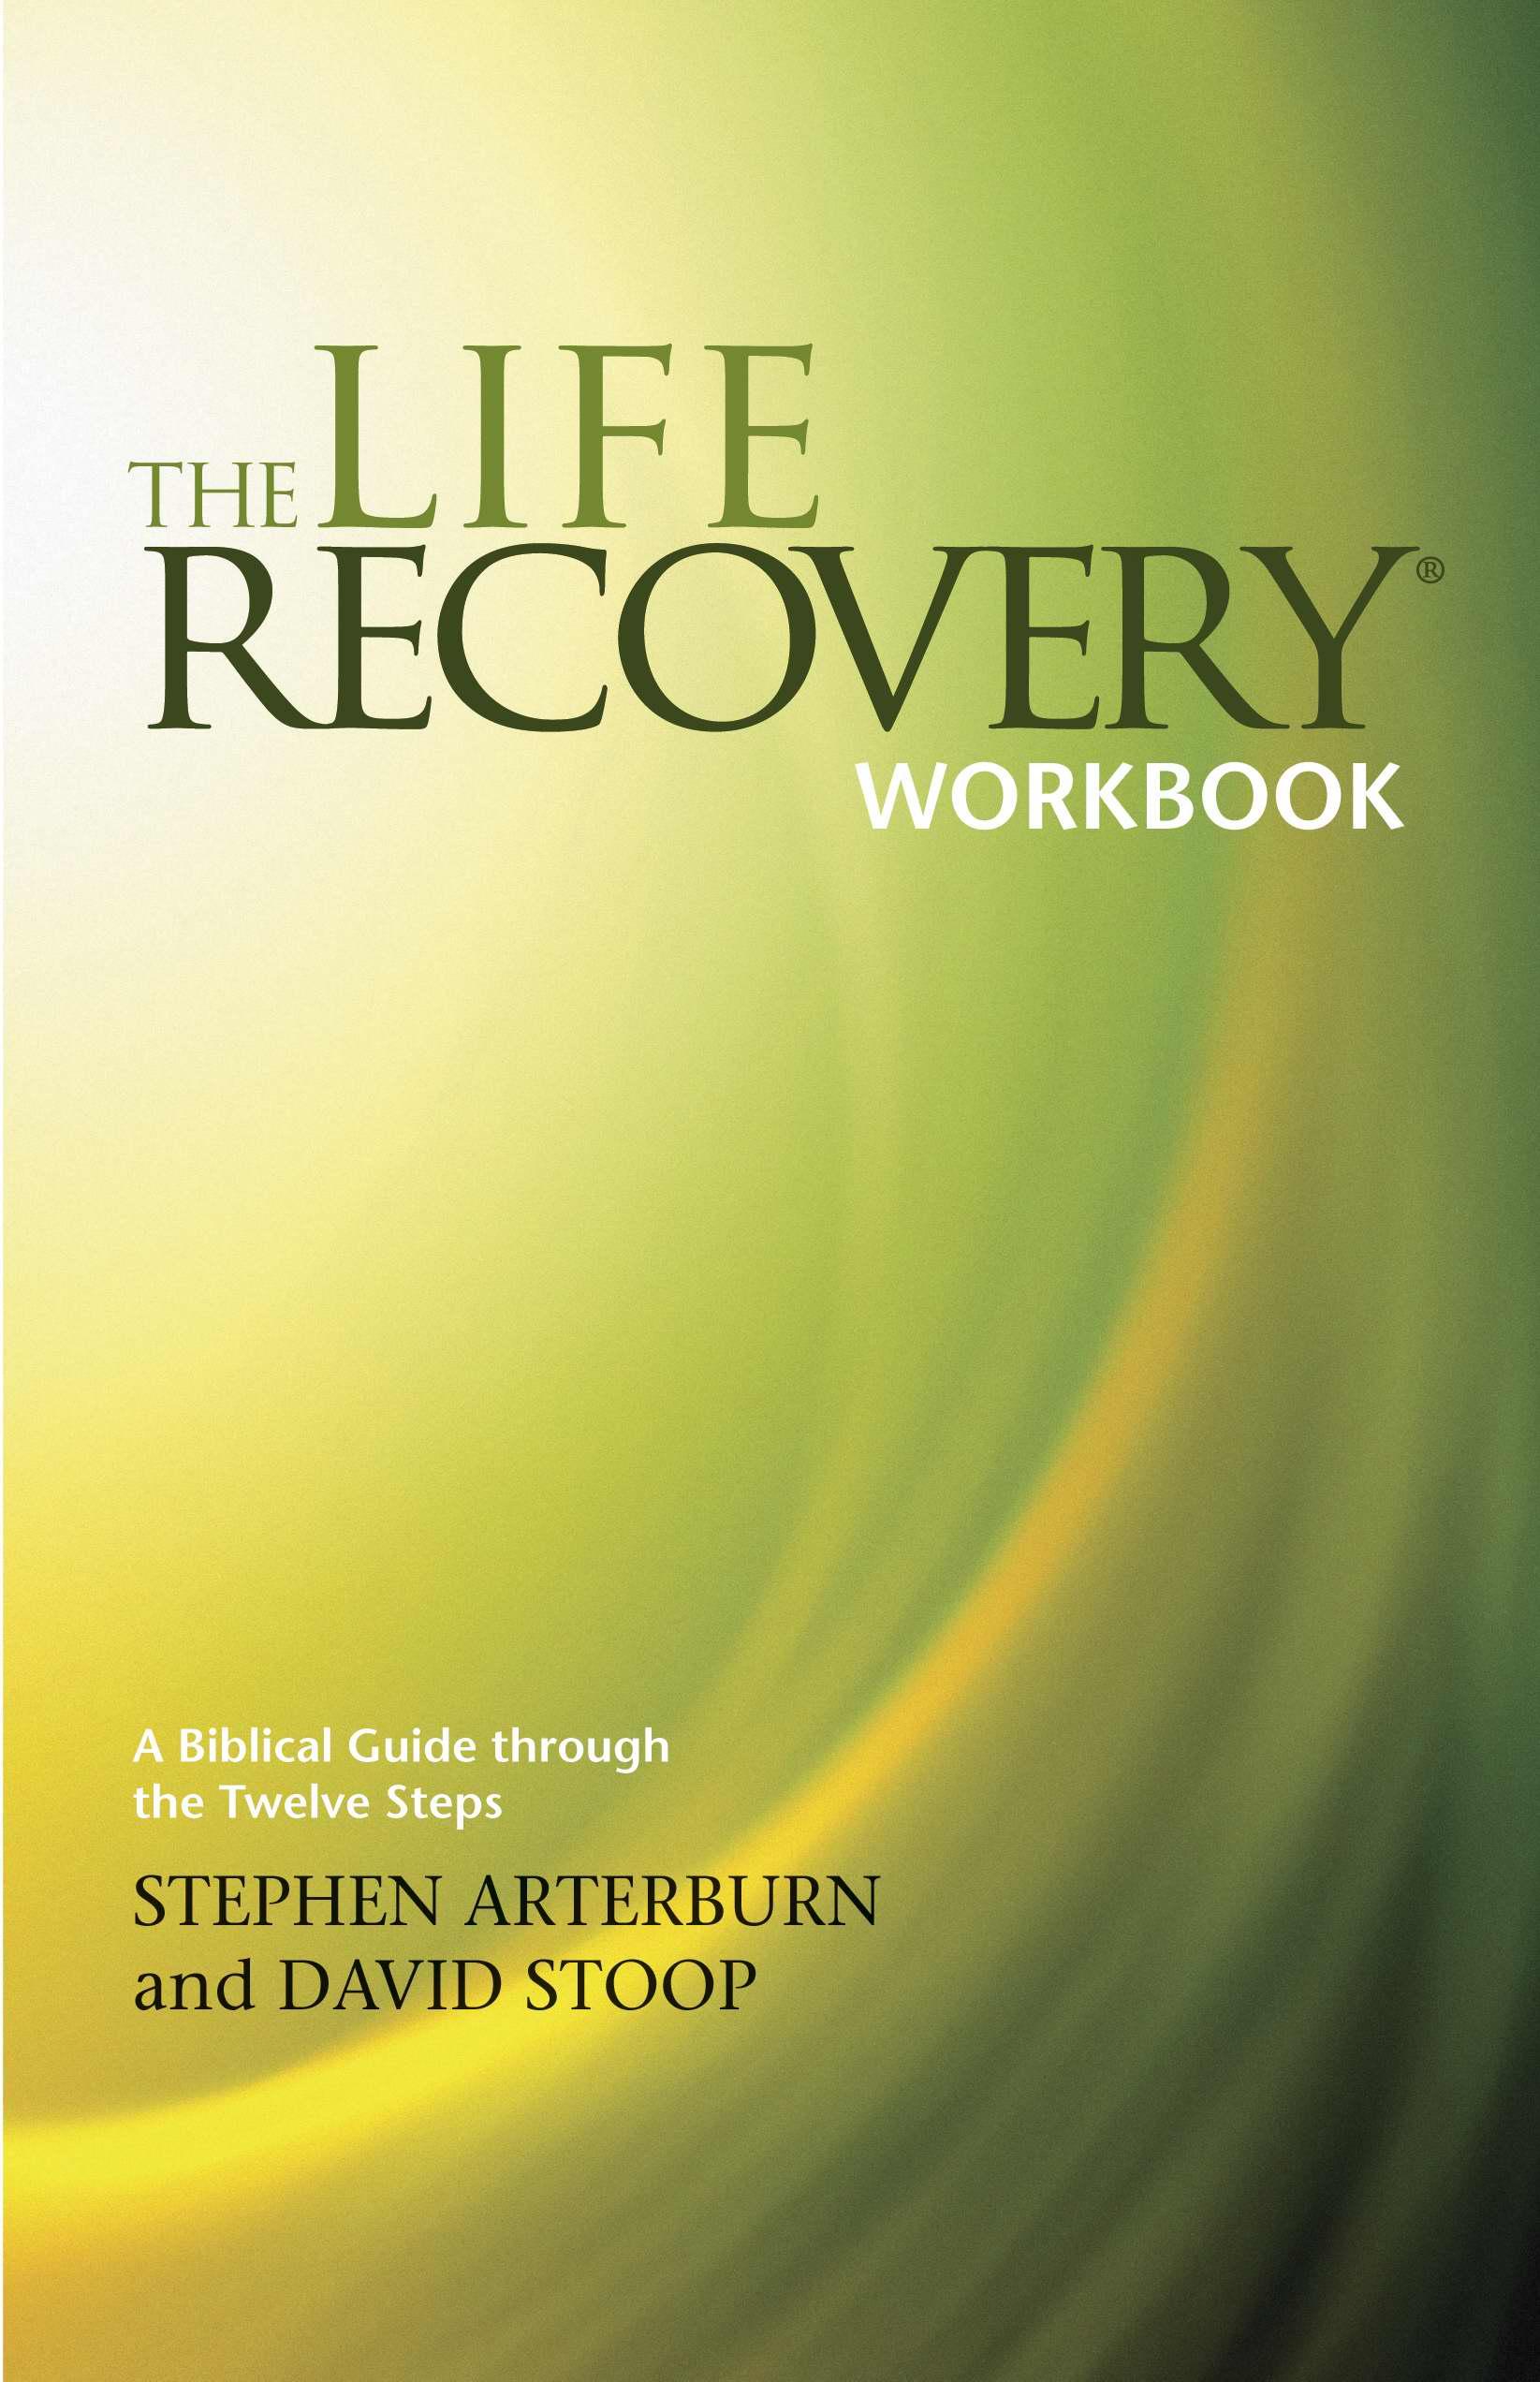 Life Recovery Workbook By David Stoop Stephen Arterburn